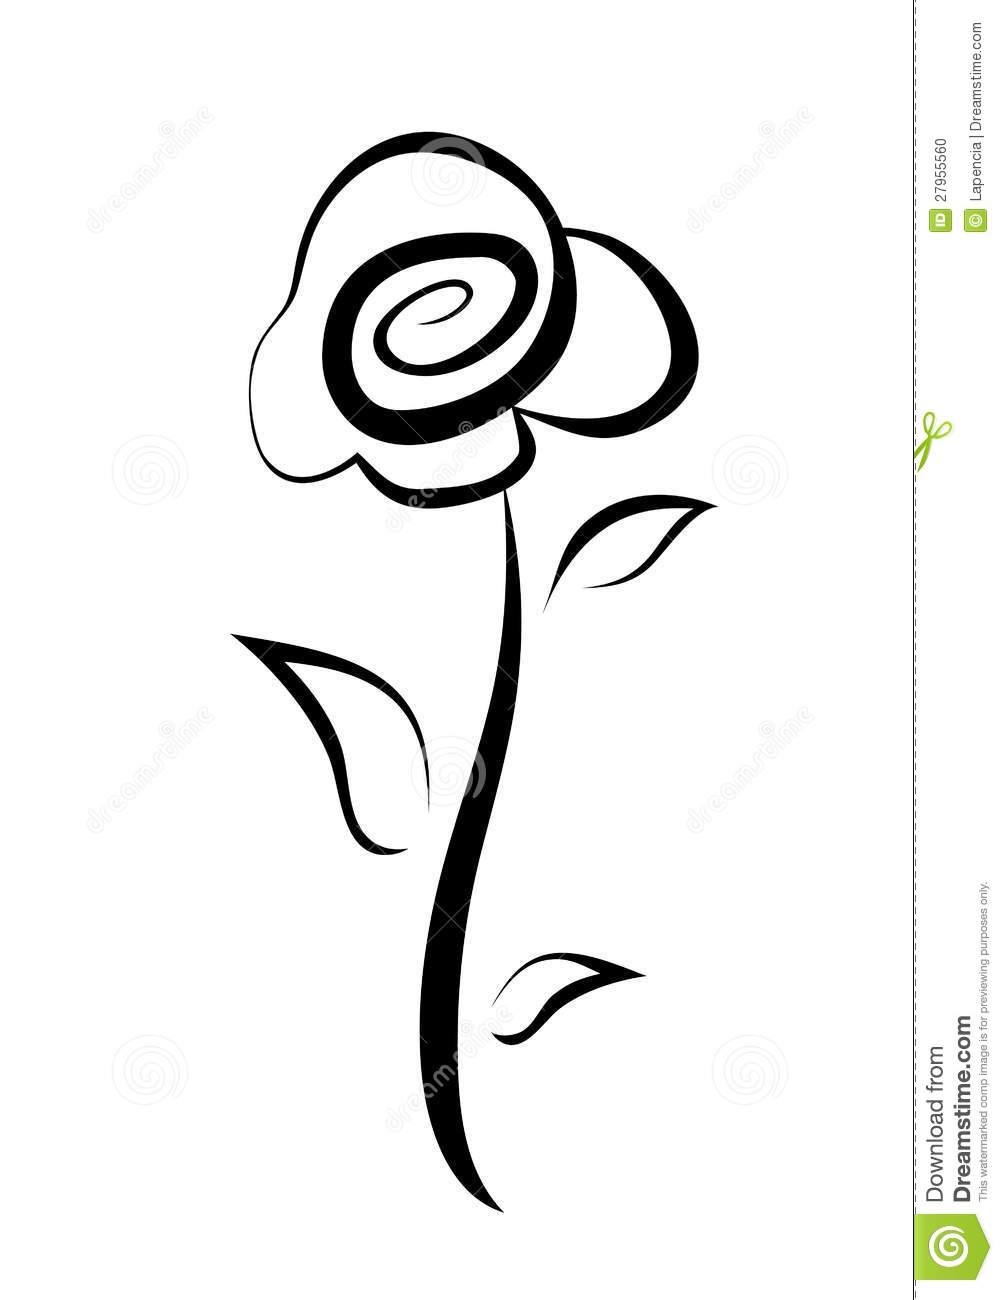 Symbole rose - l'atelier des fleurs